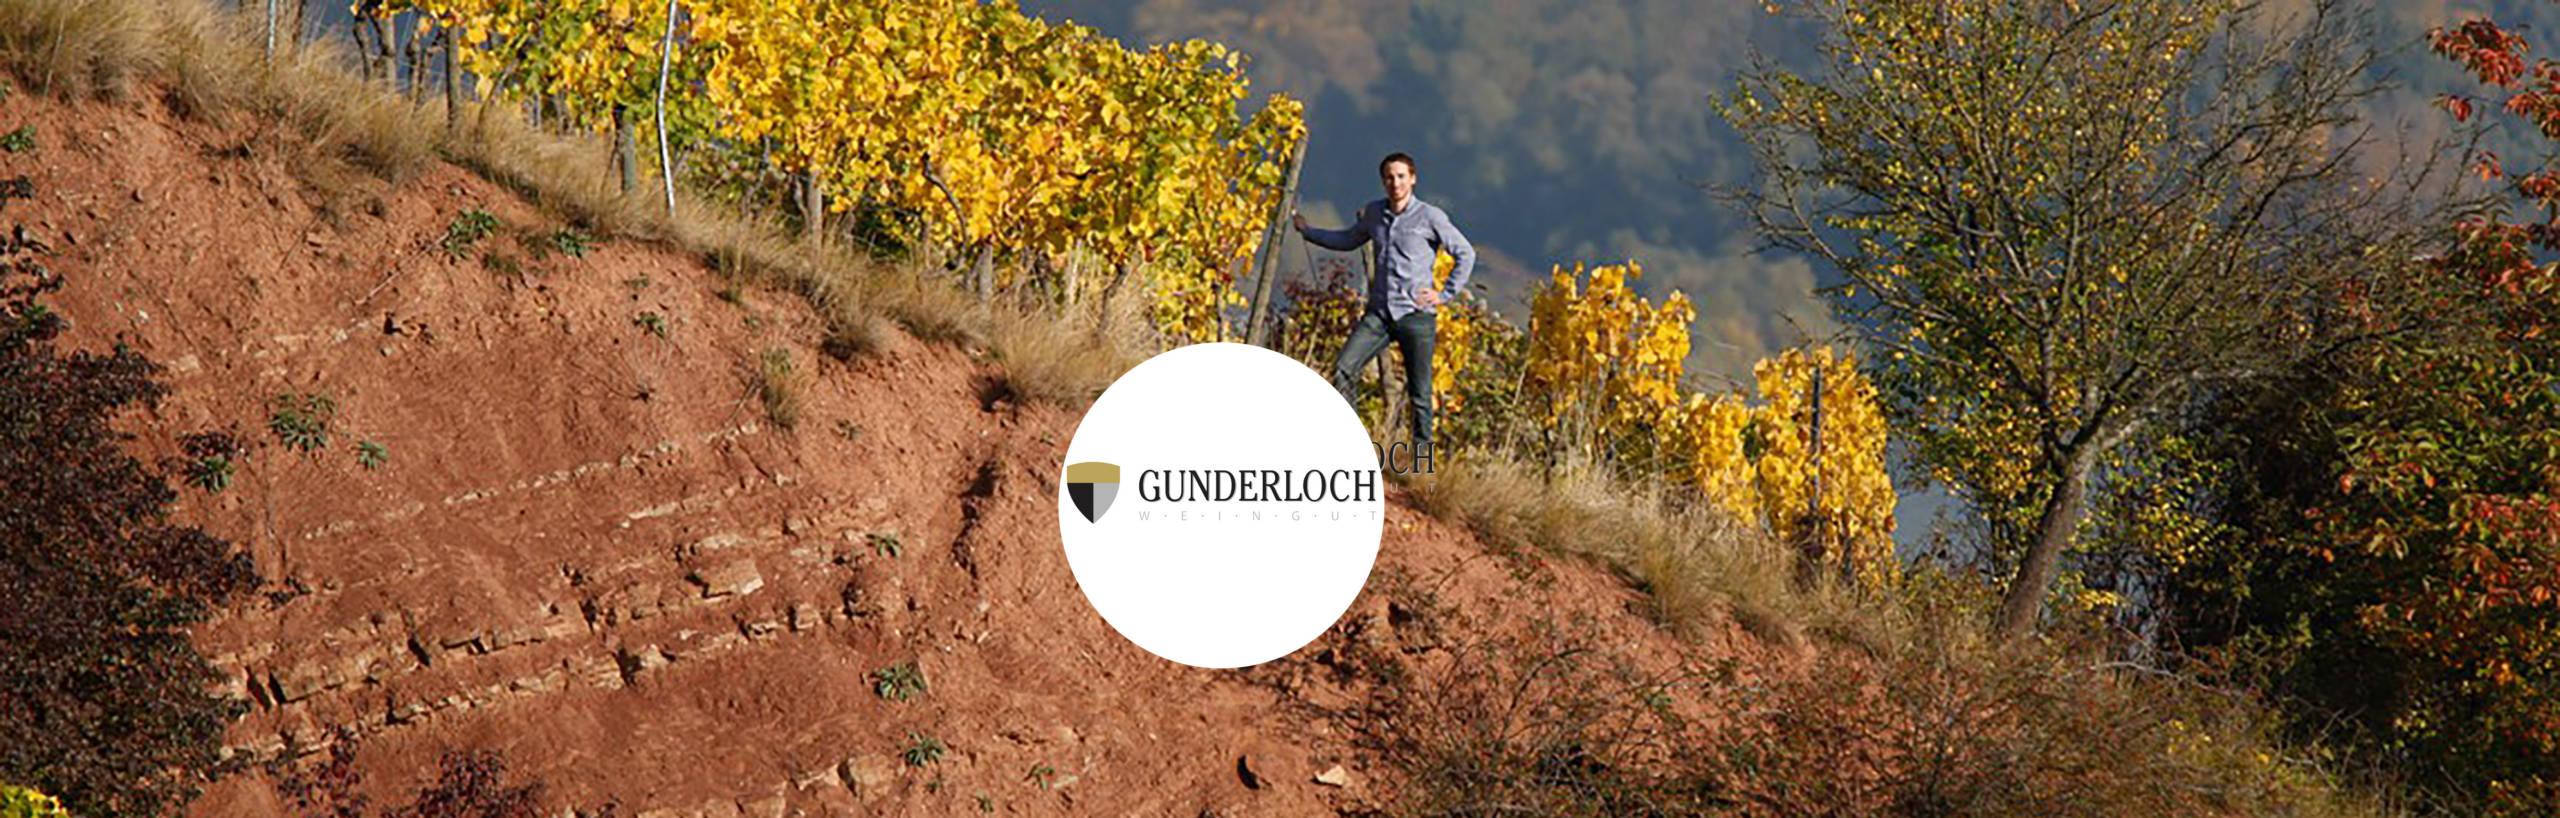 Weingut Gunderloch Castello del Gusto